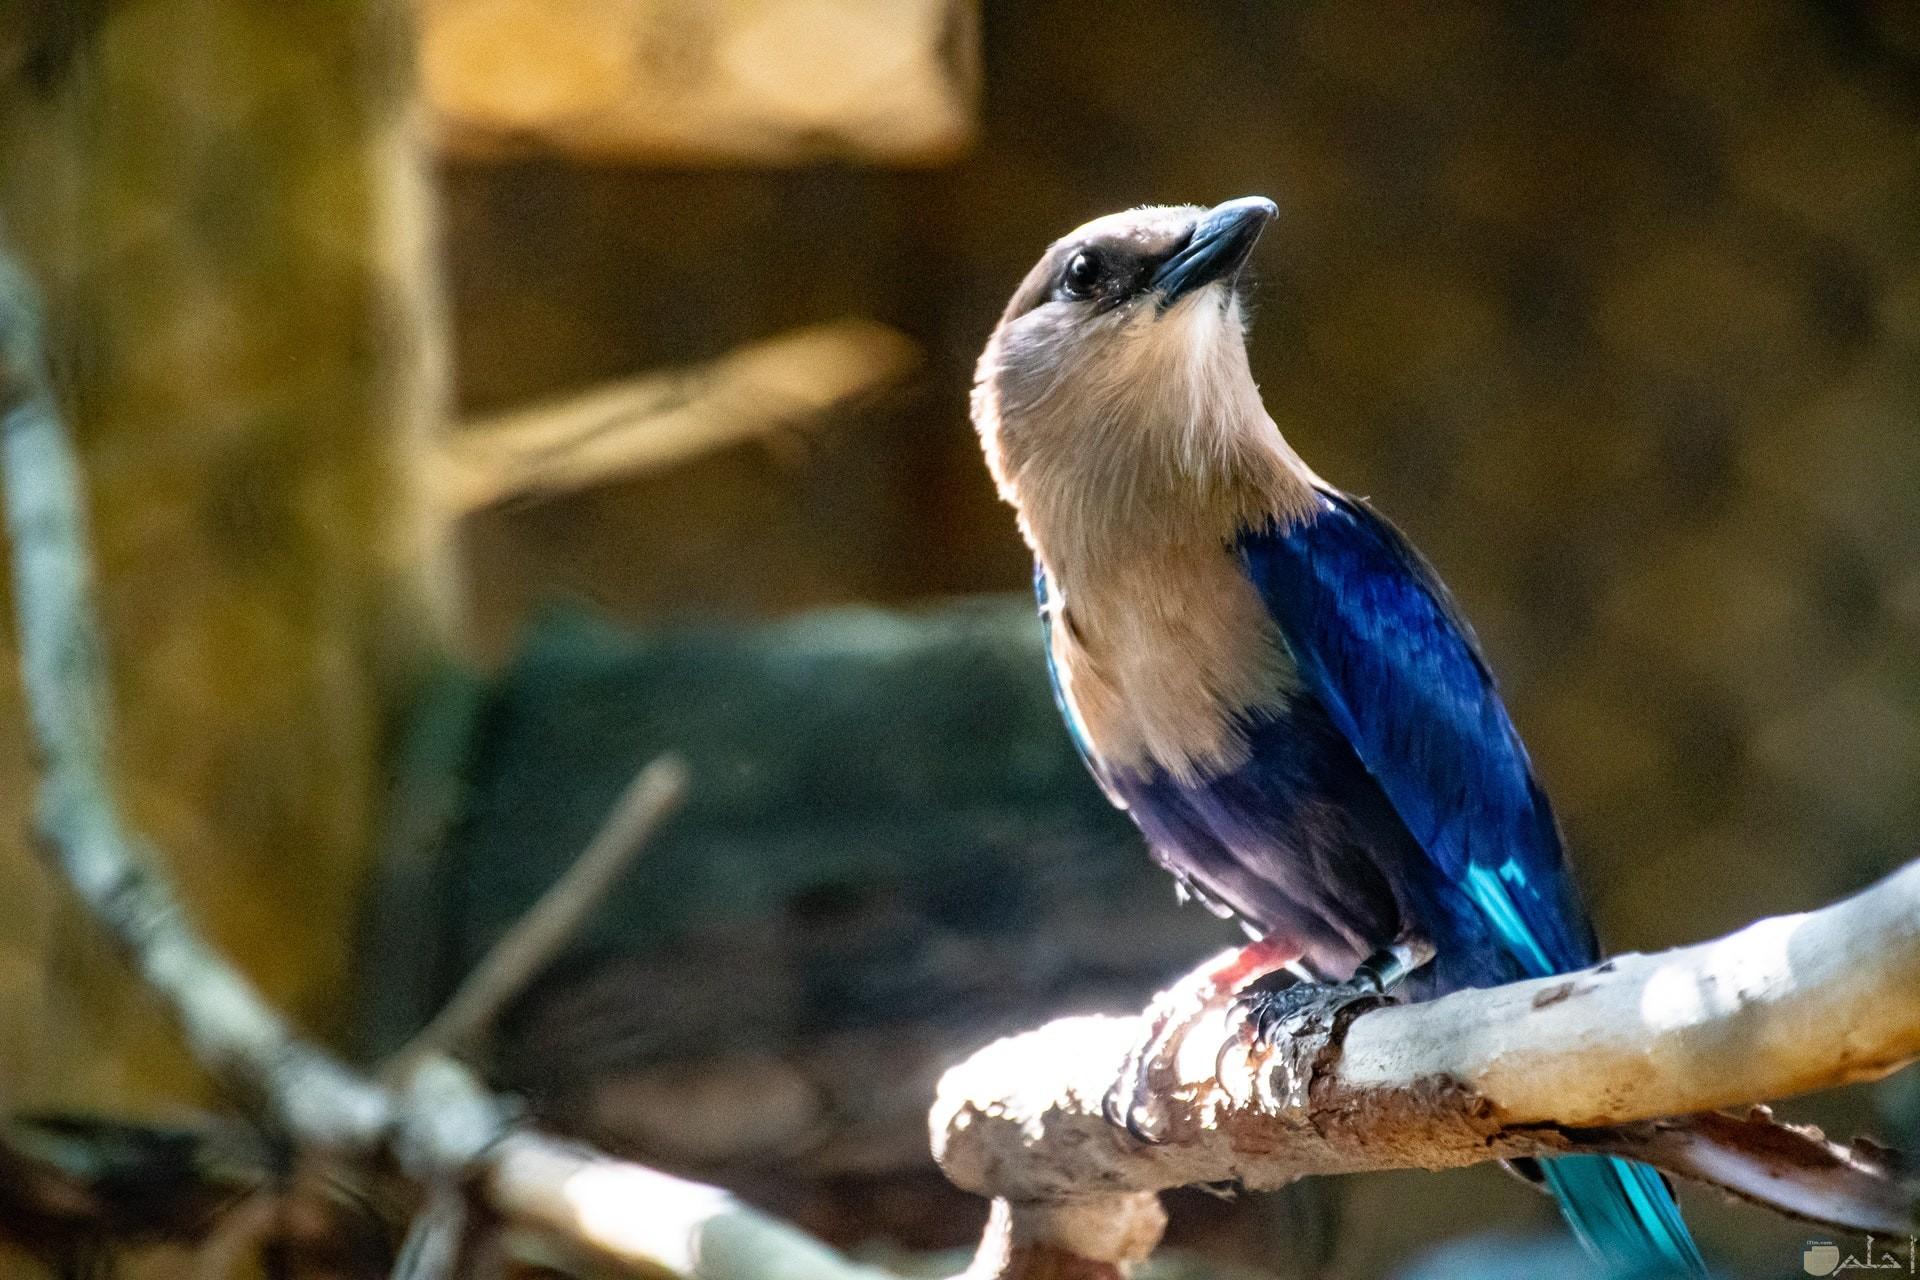 صورة جميلة لطائر ملون باللون الأبيض والأزرق واقف علي غصن الشجرة